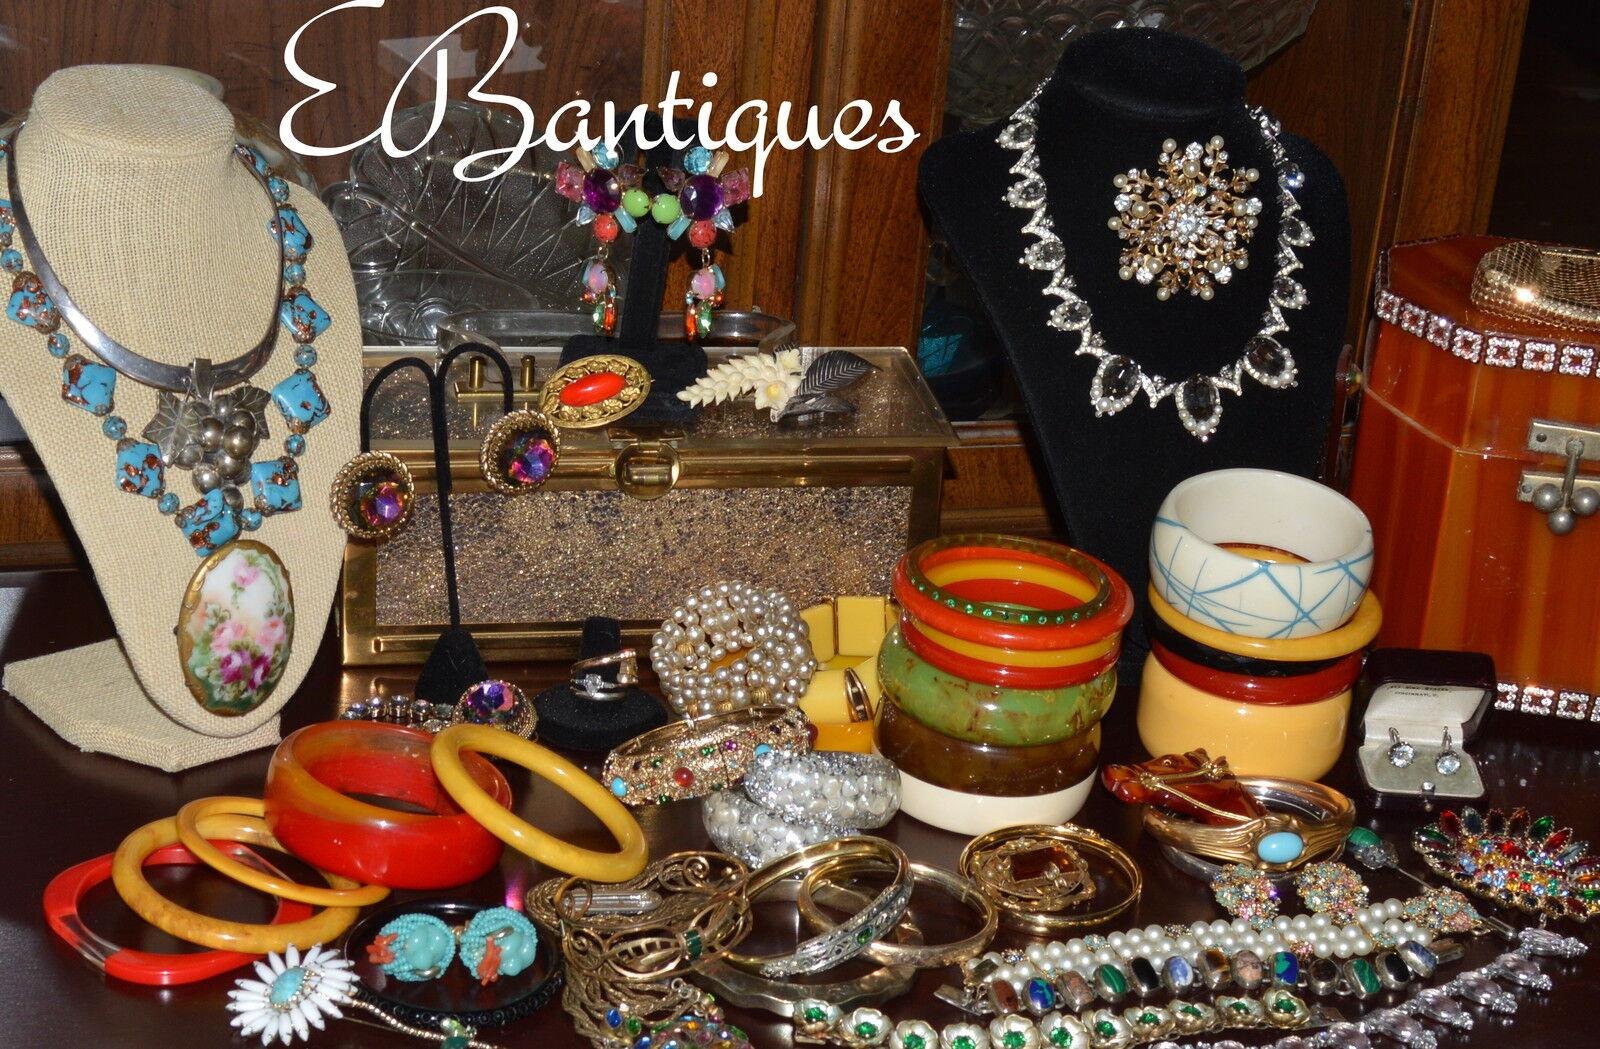 EBantiques